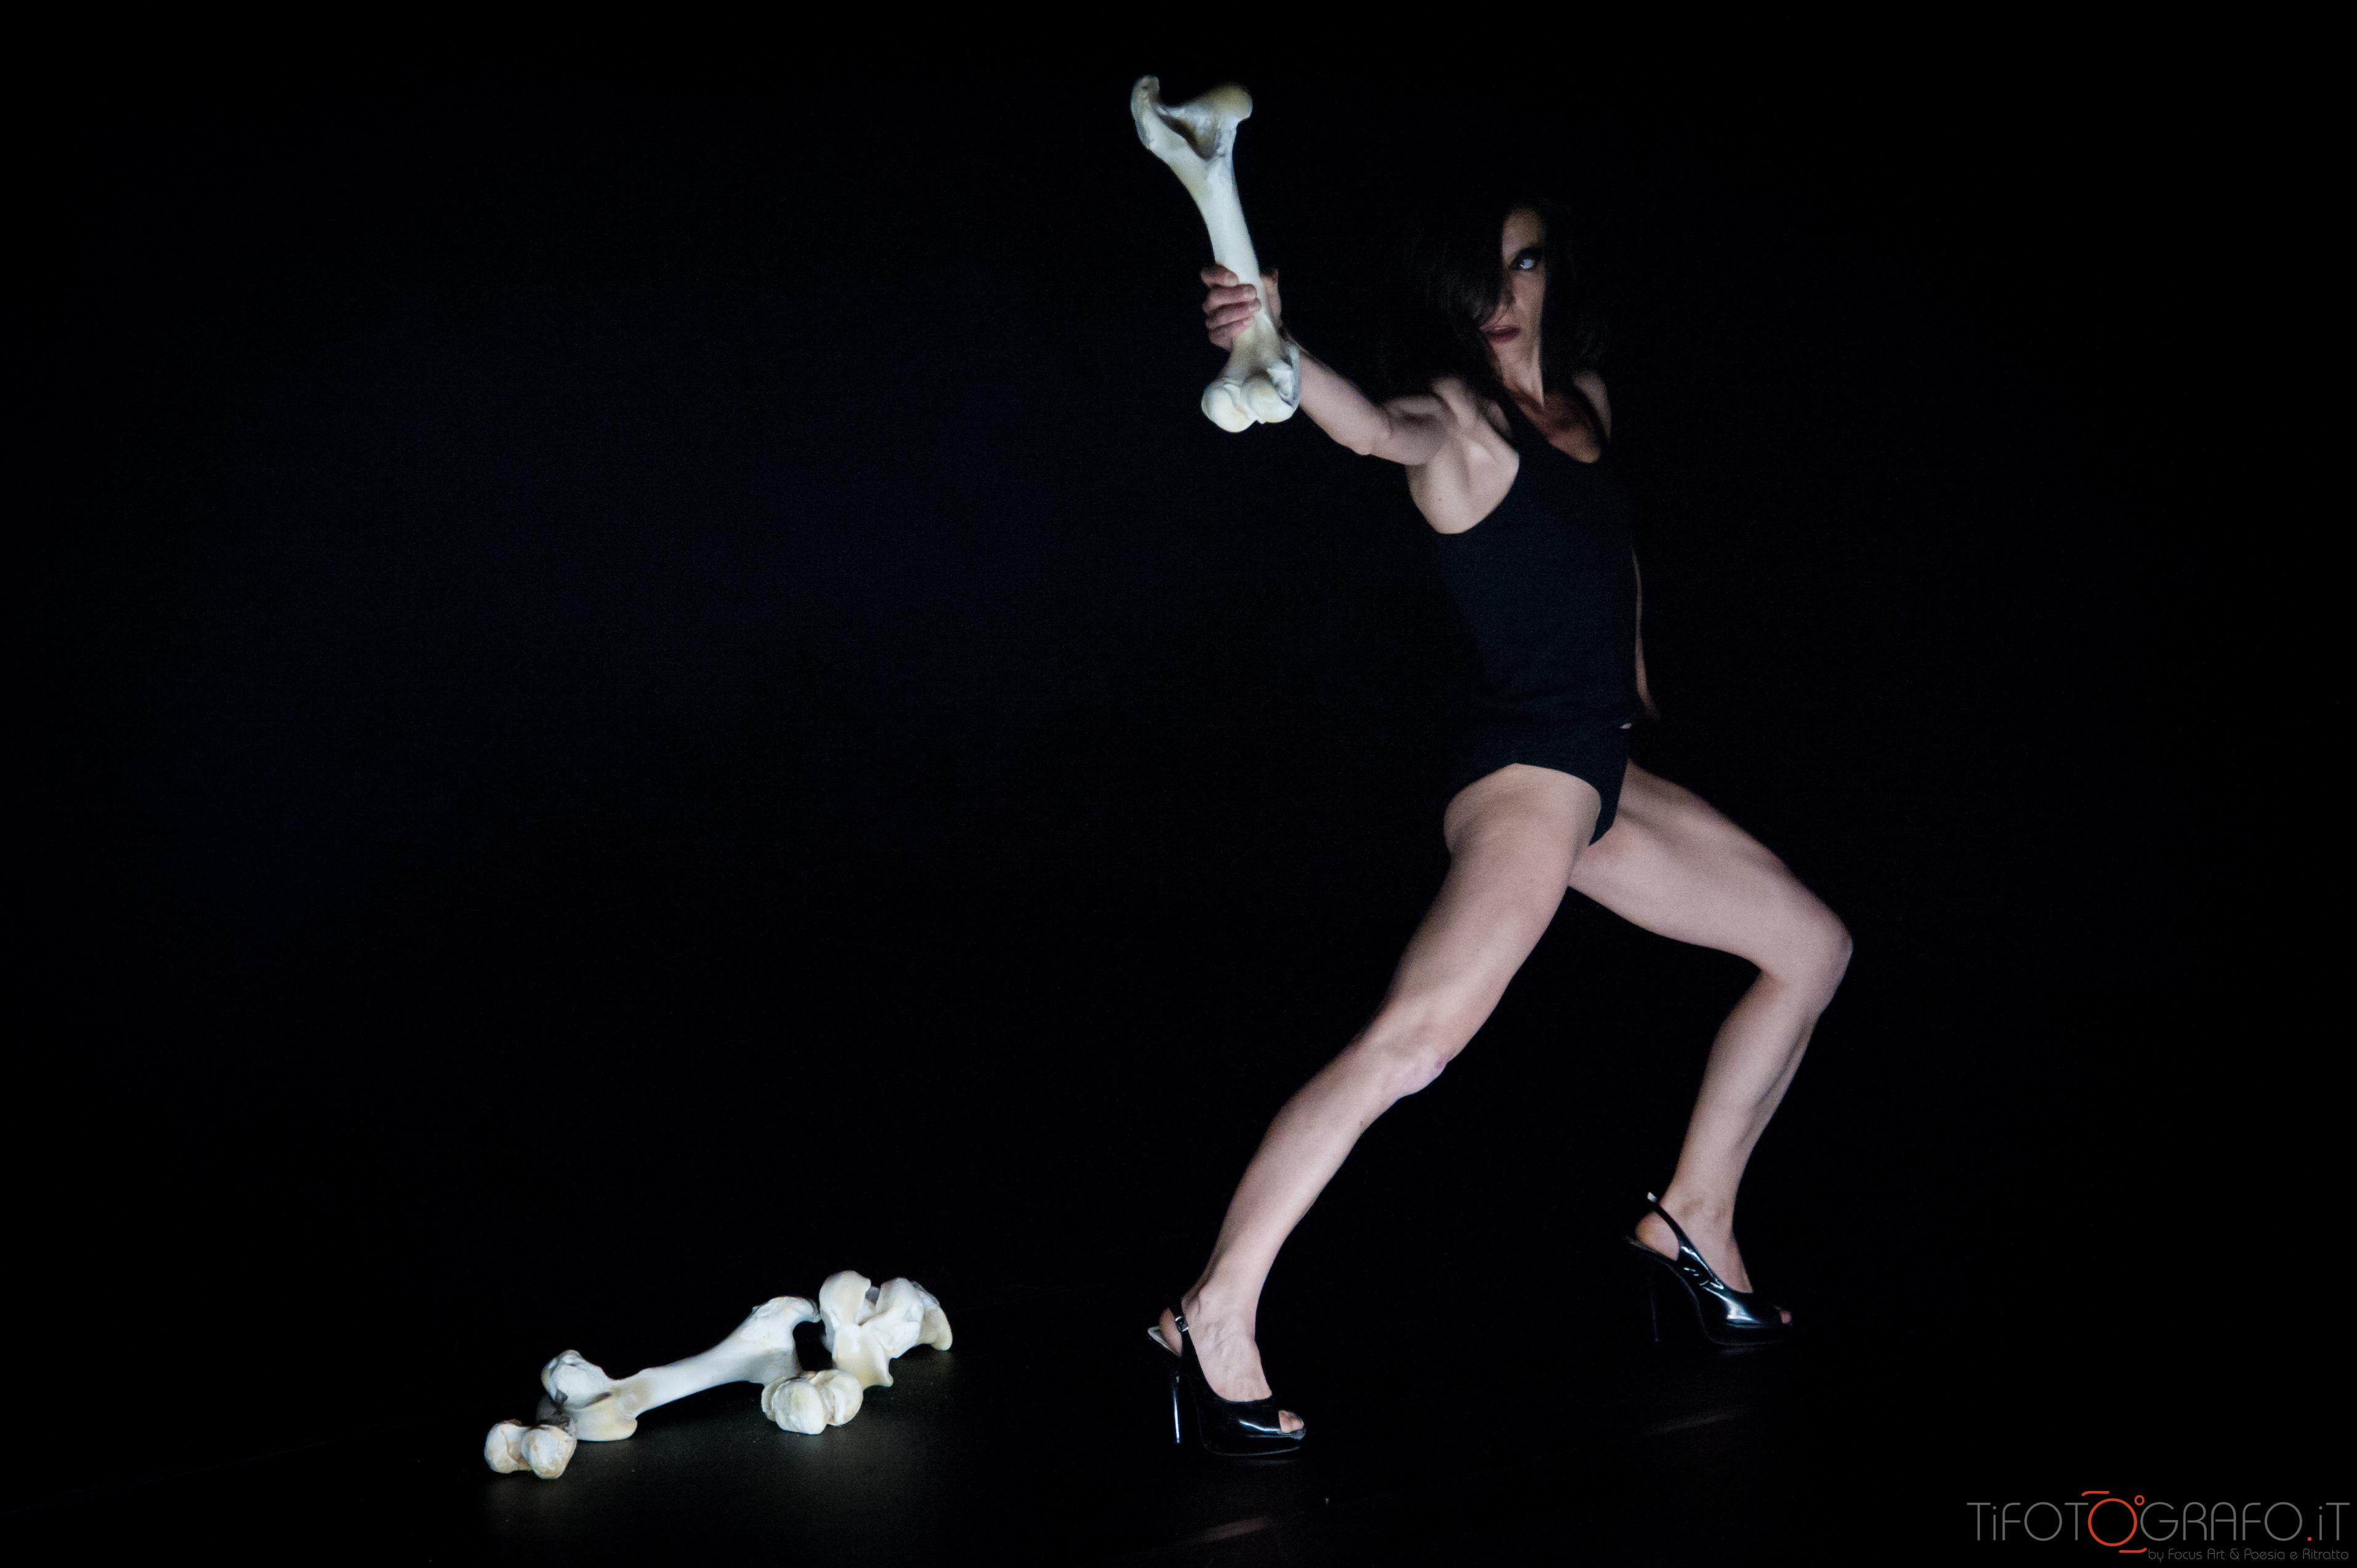 Compagnia Enzo Cosimi focusart tifotografo biennale venezia civitanova in danza Teatro india Roma (2)